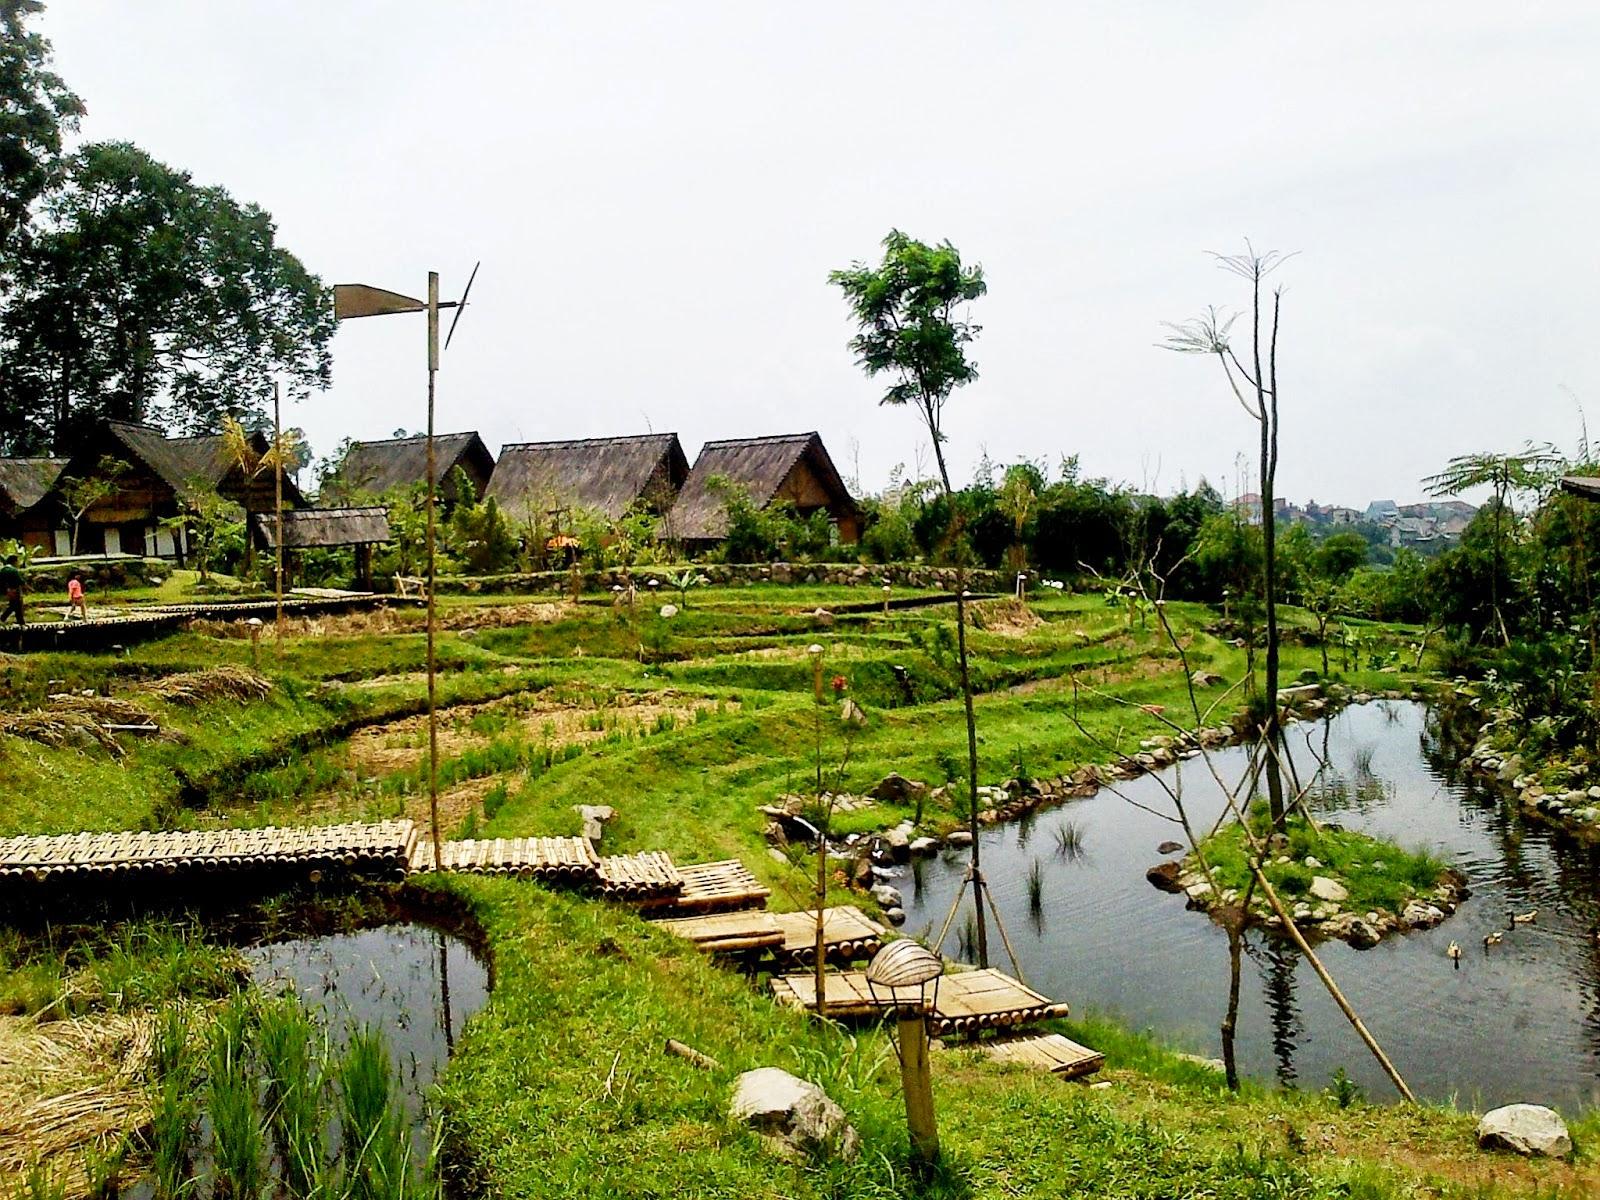 25 Tempat Wisata Di Bandung Jawa Barat Yang Menarik